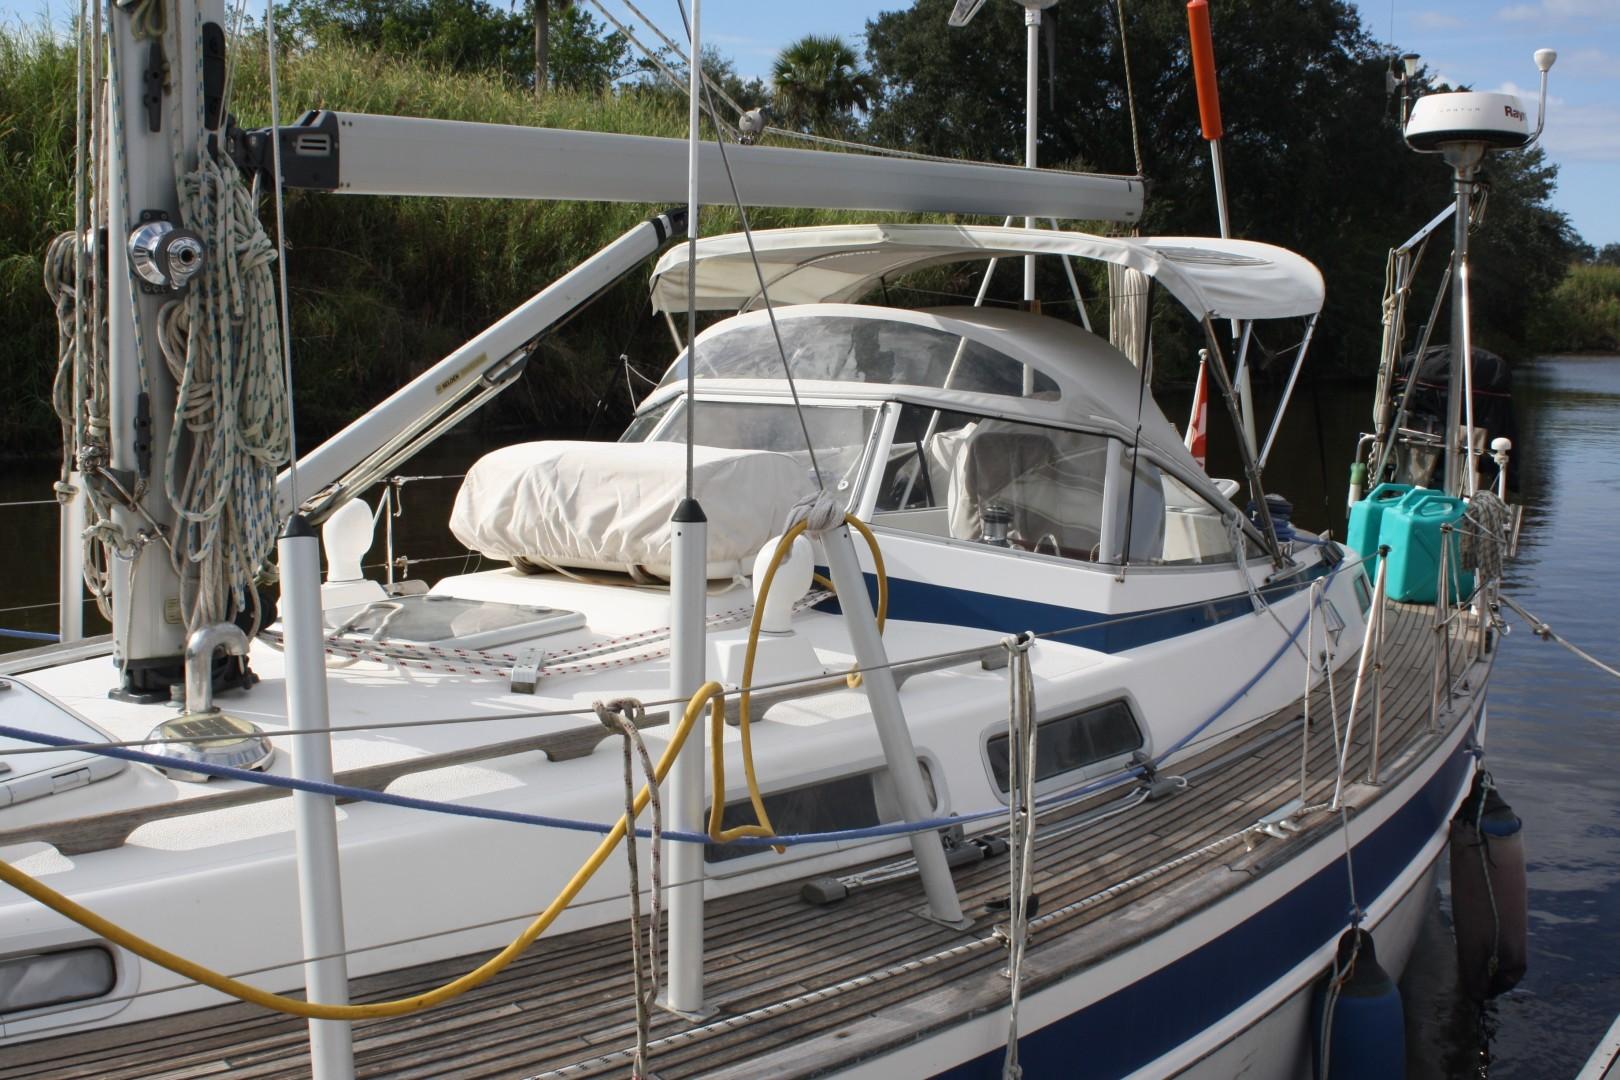 Hallberg-Rassy-36 MKII 2002-Vivace 1 Stuart-Florida-United States-1312769   Thumbnail